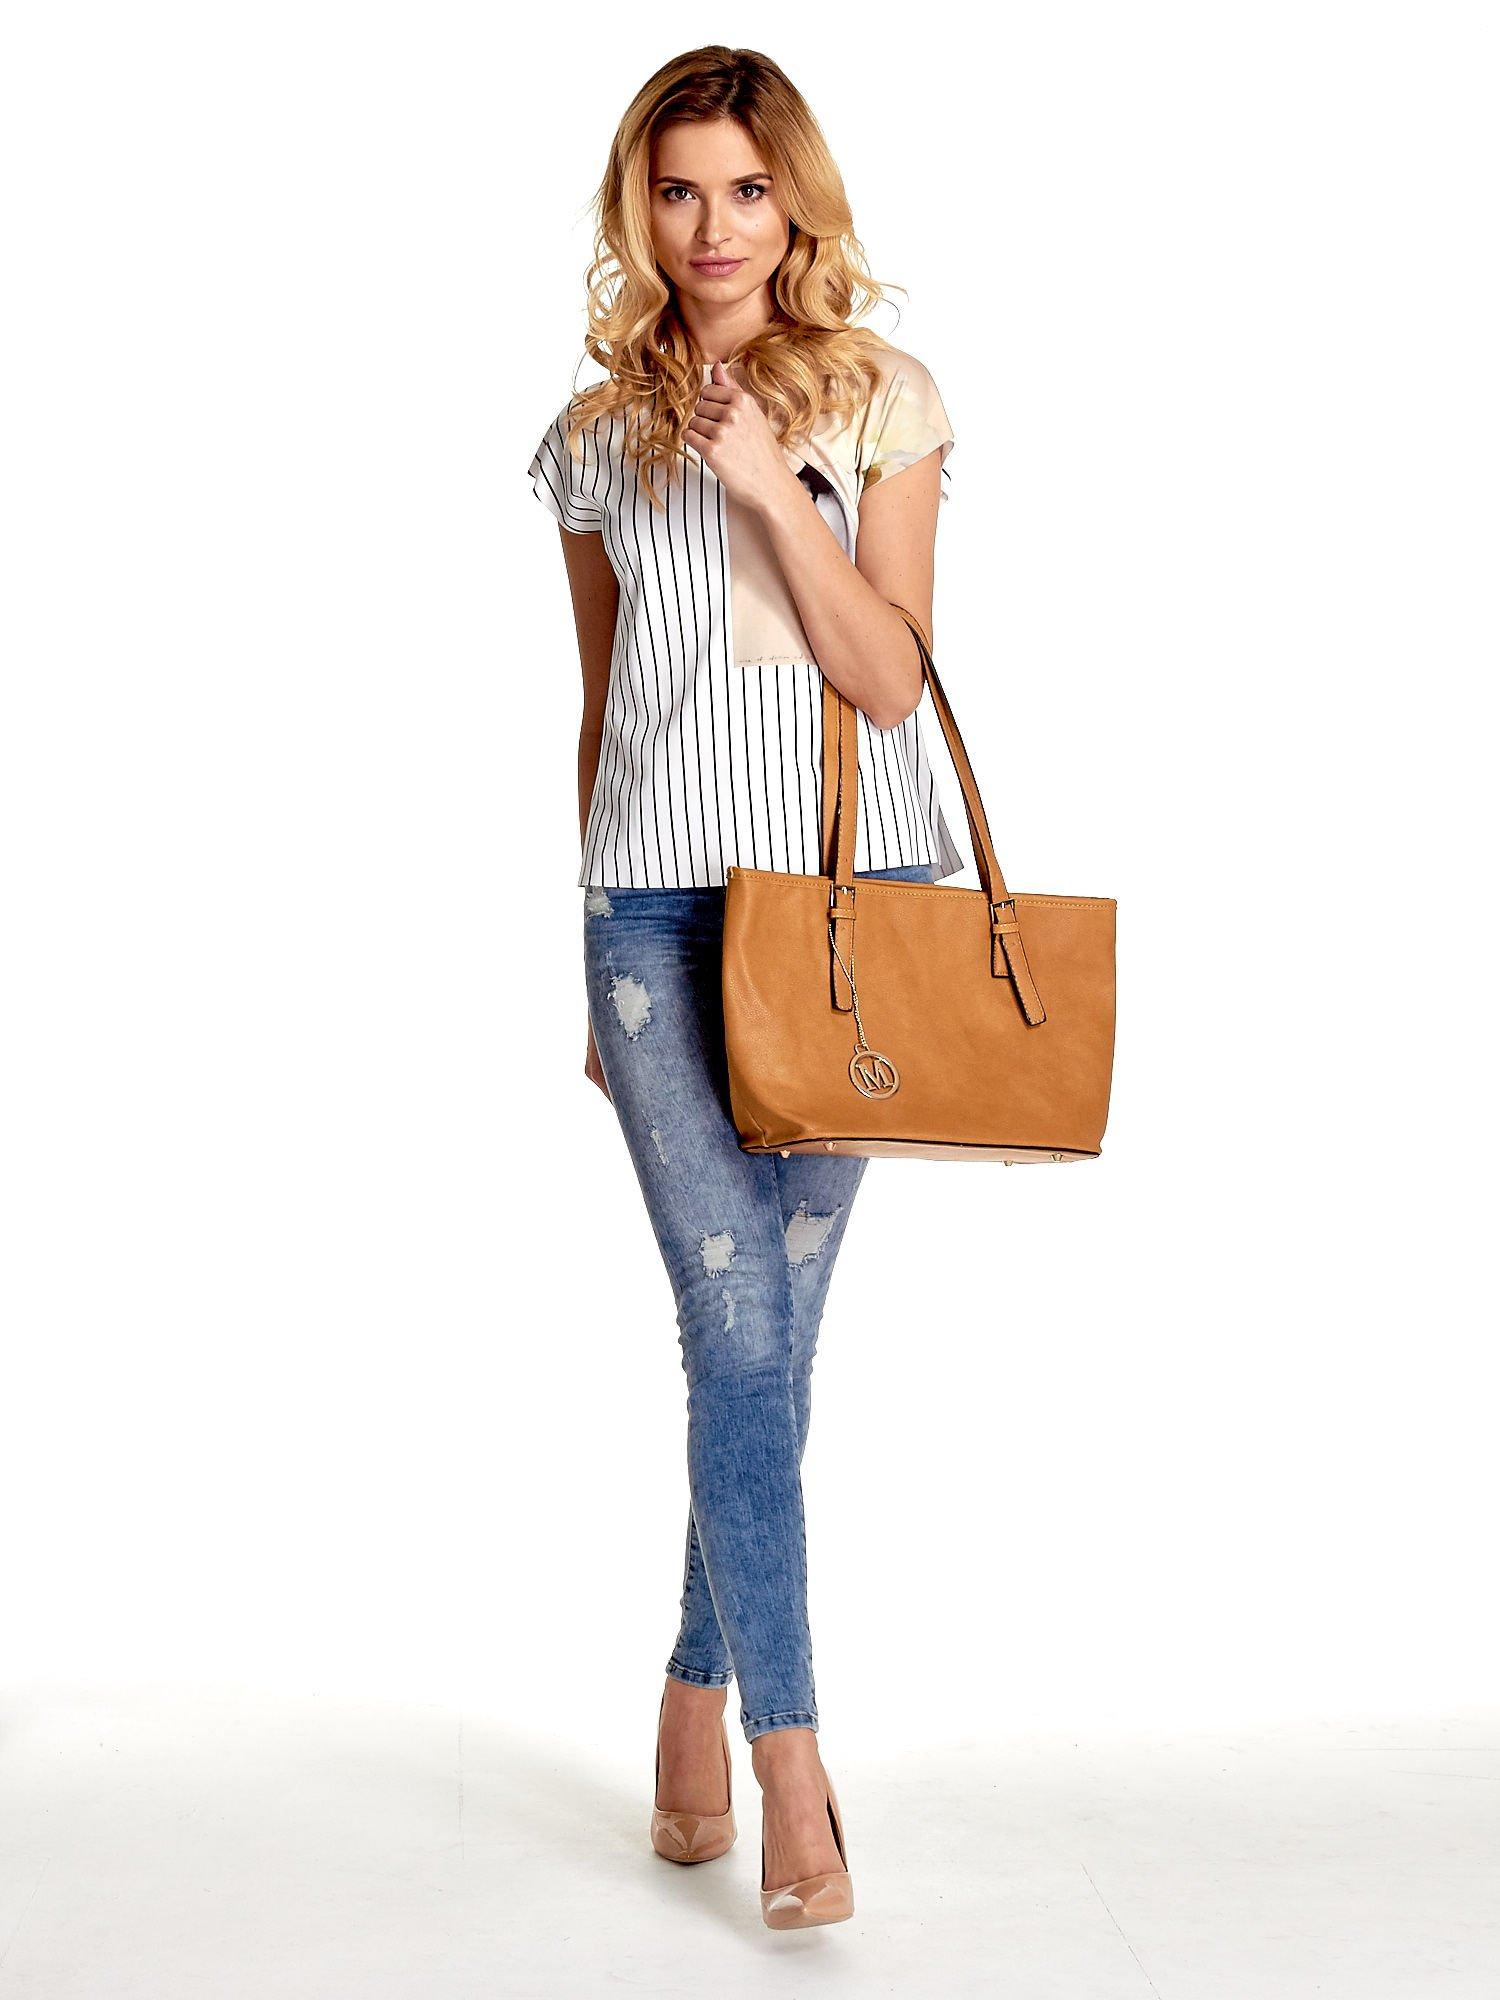 Brązowa torba shopper bag z regulowanymi rączkami                                  zdj.                                  2